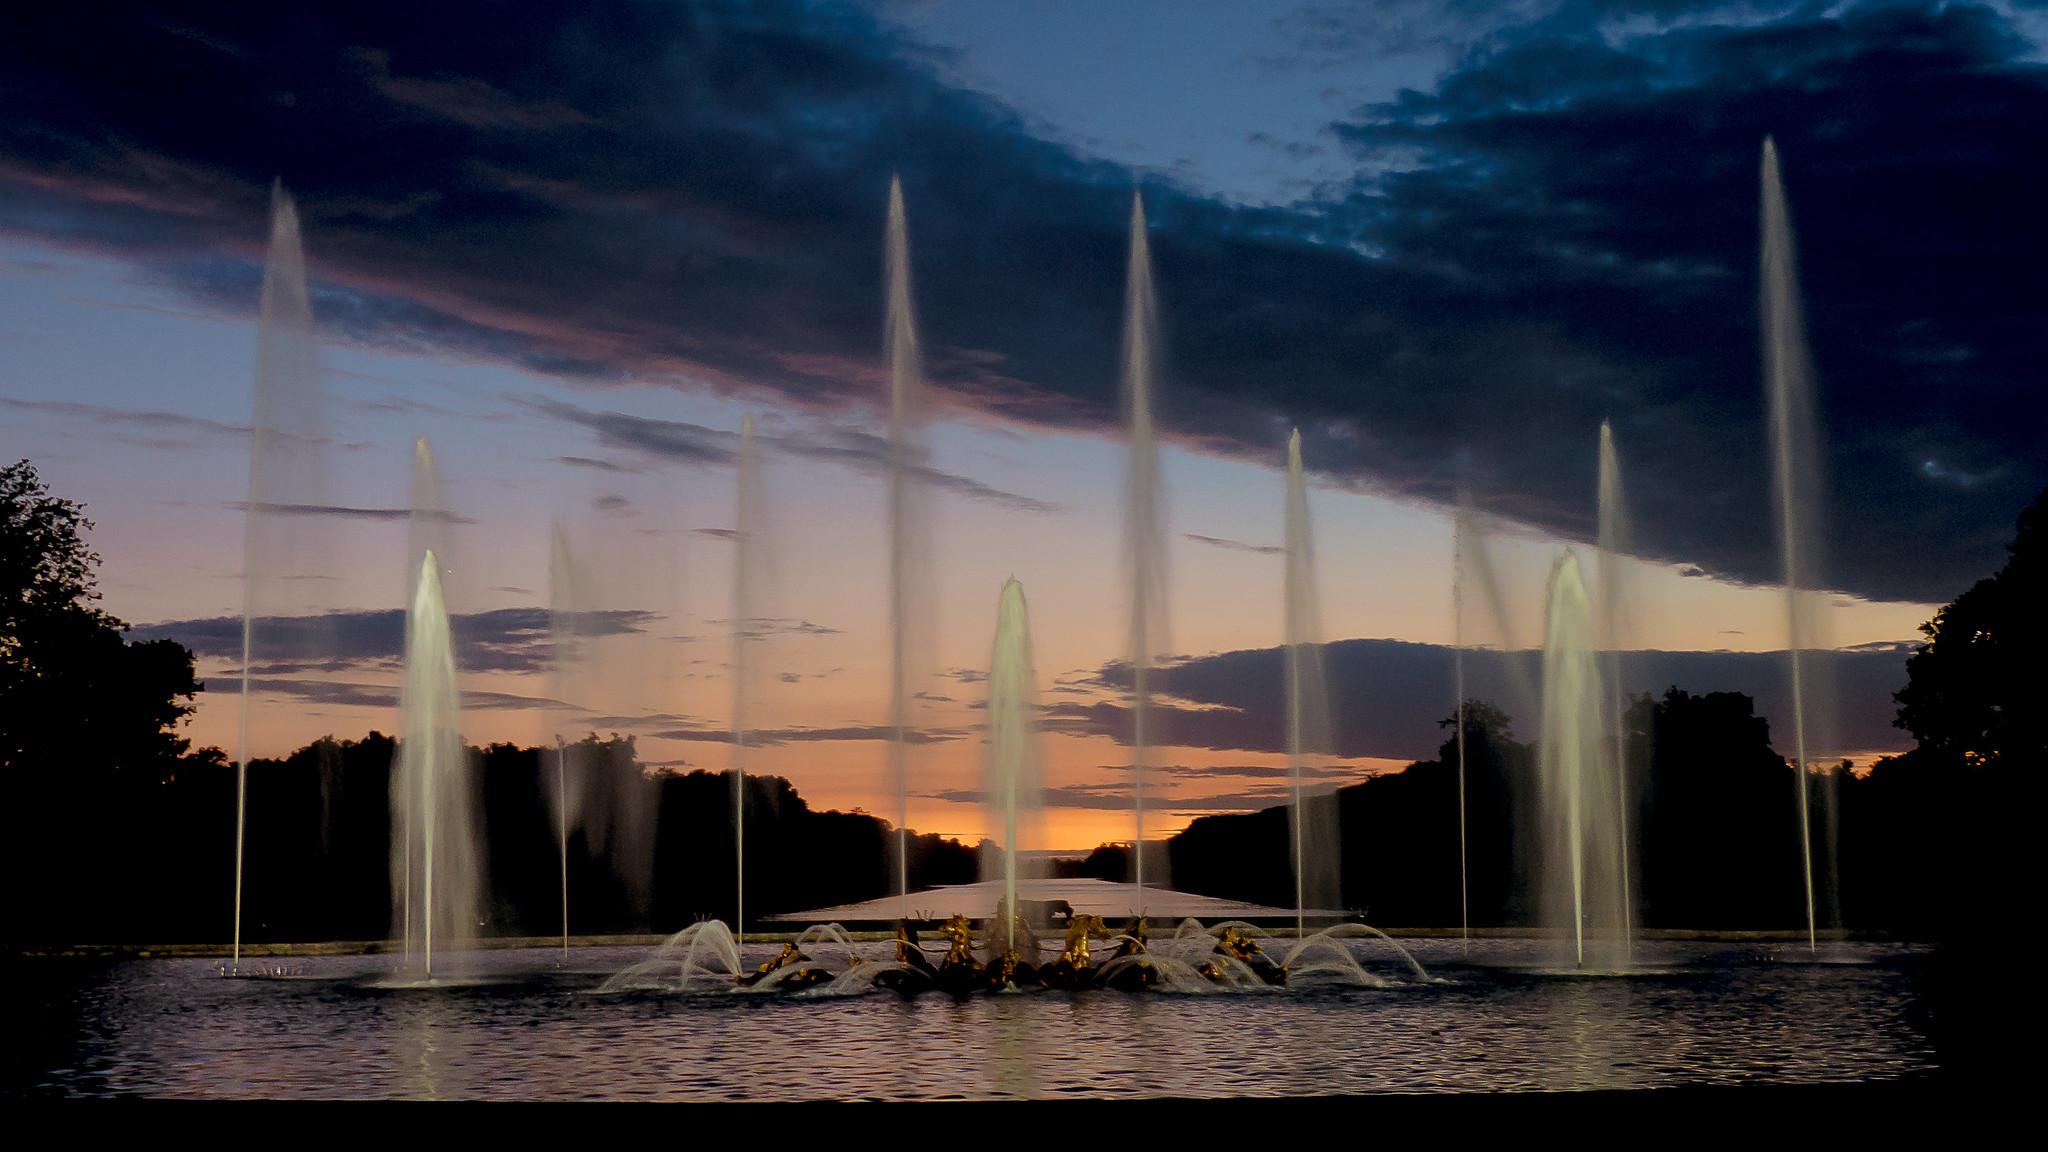 Les Grandes Eaux nocturnes - Fountains Night show